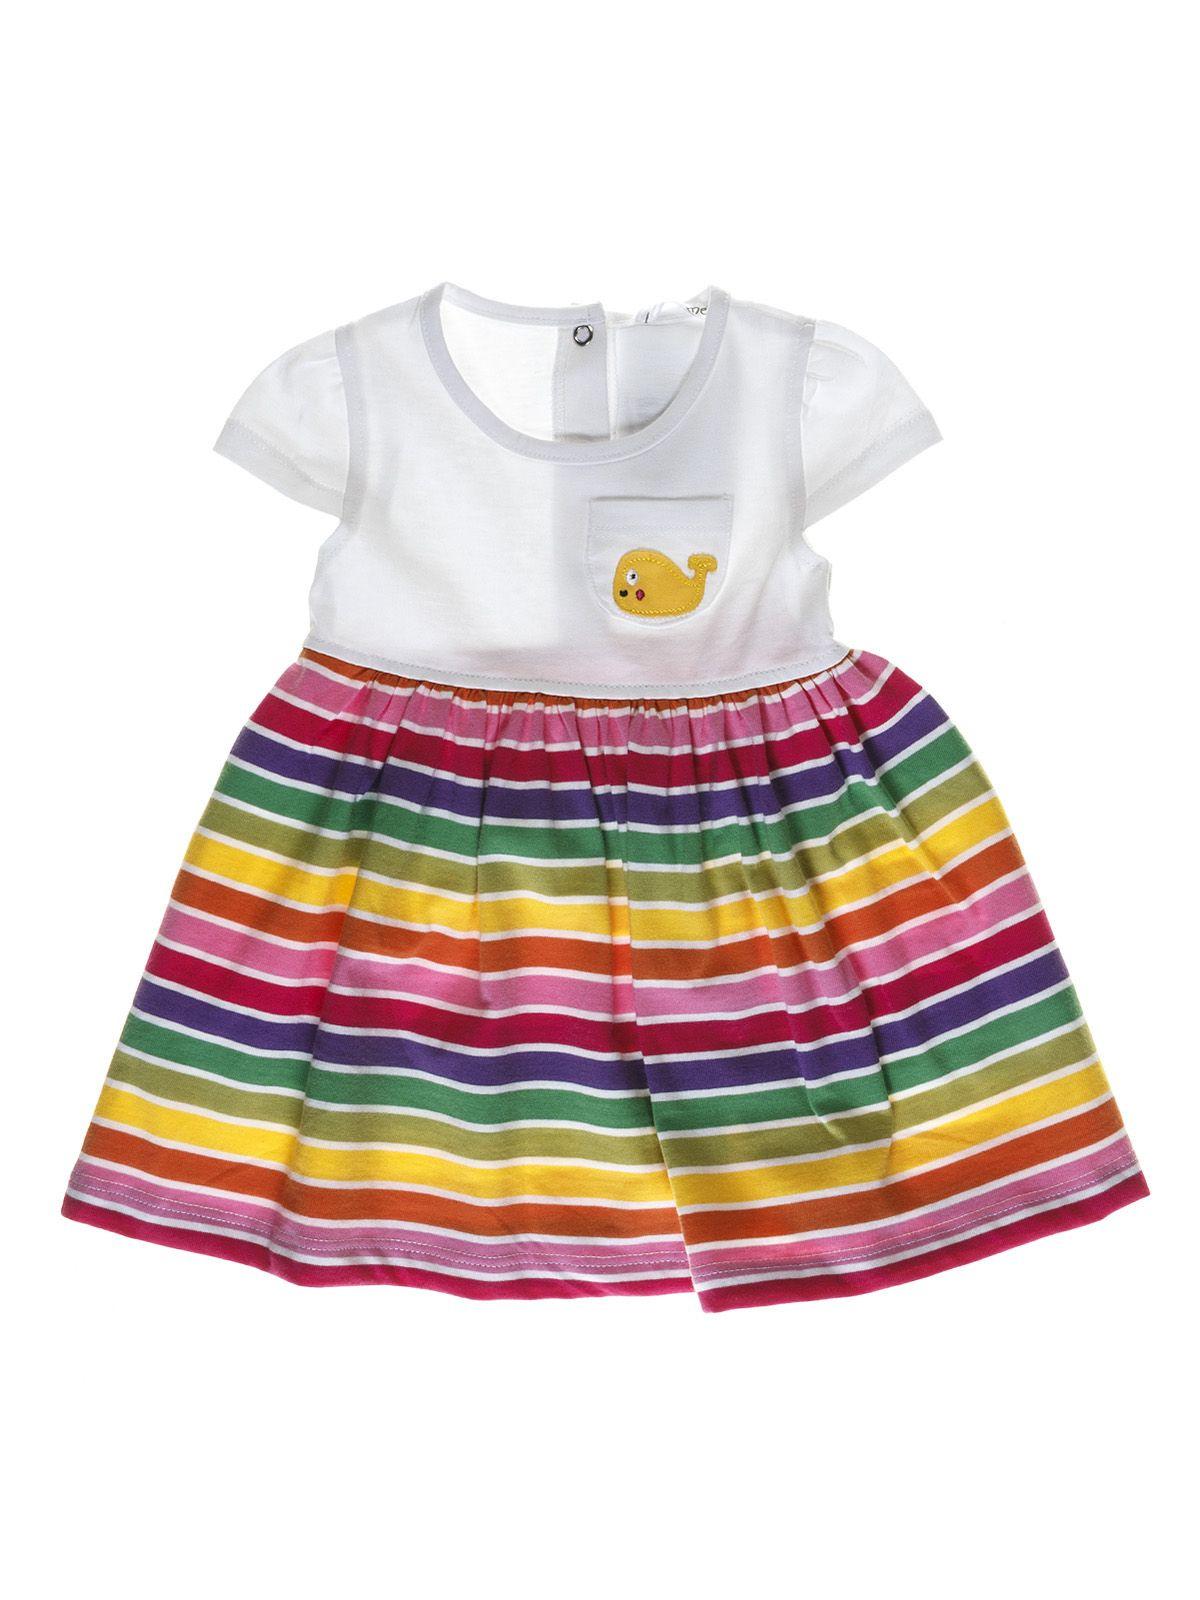 e0fc1d2a37a Платье в полоску купить из Турции платье для девочки в интернет ...